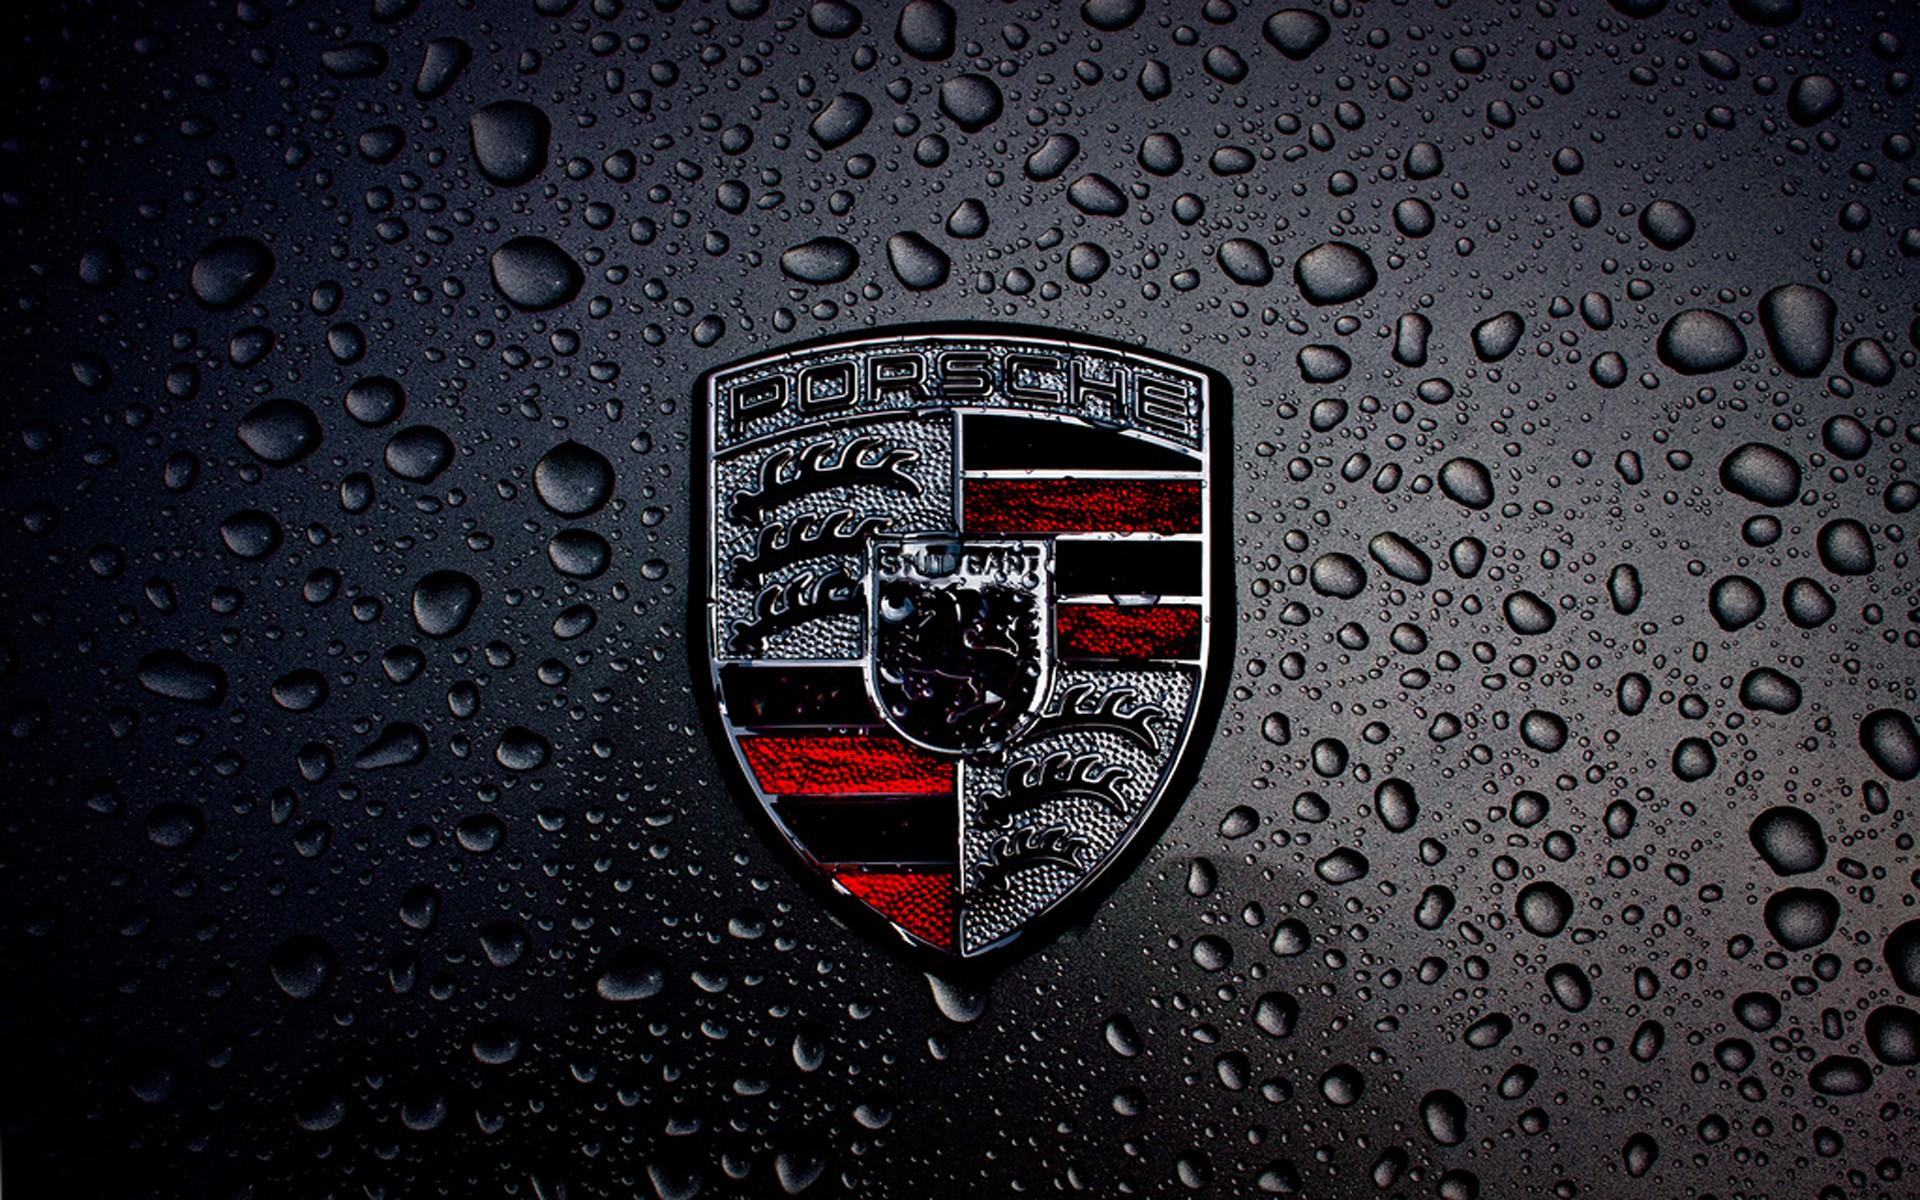 Hd wallpaper logo - Dark Porsche Logo Wallpaper